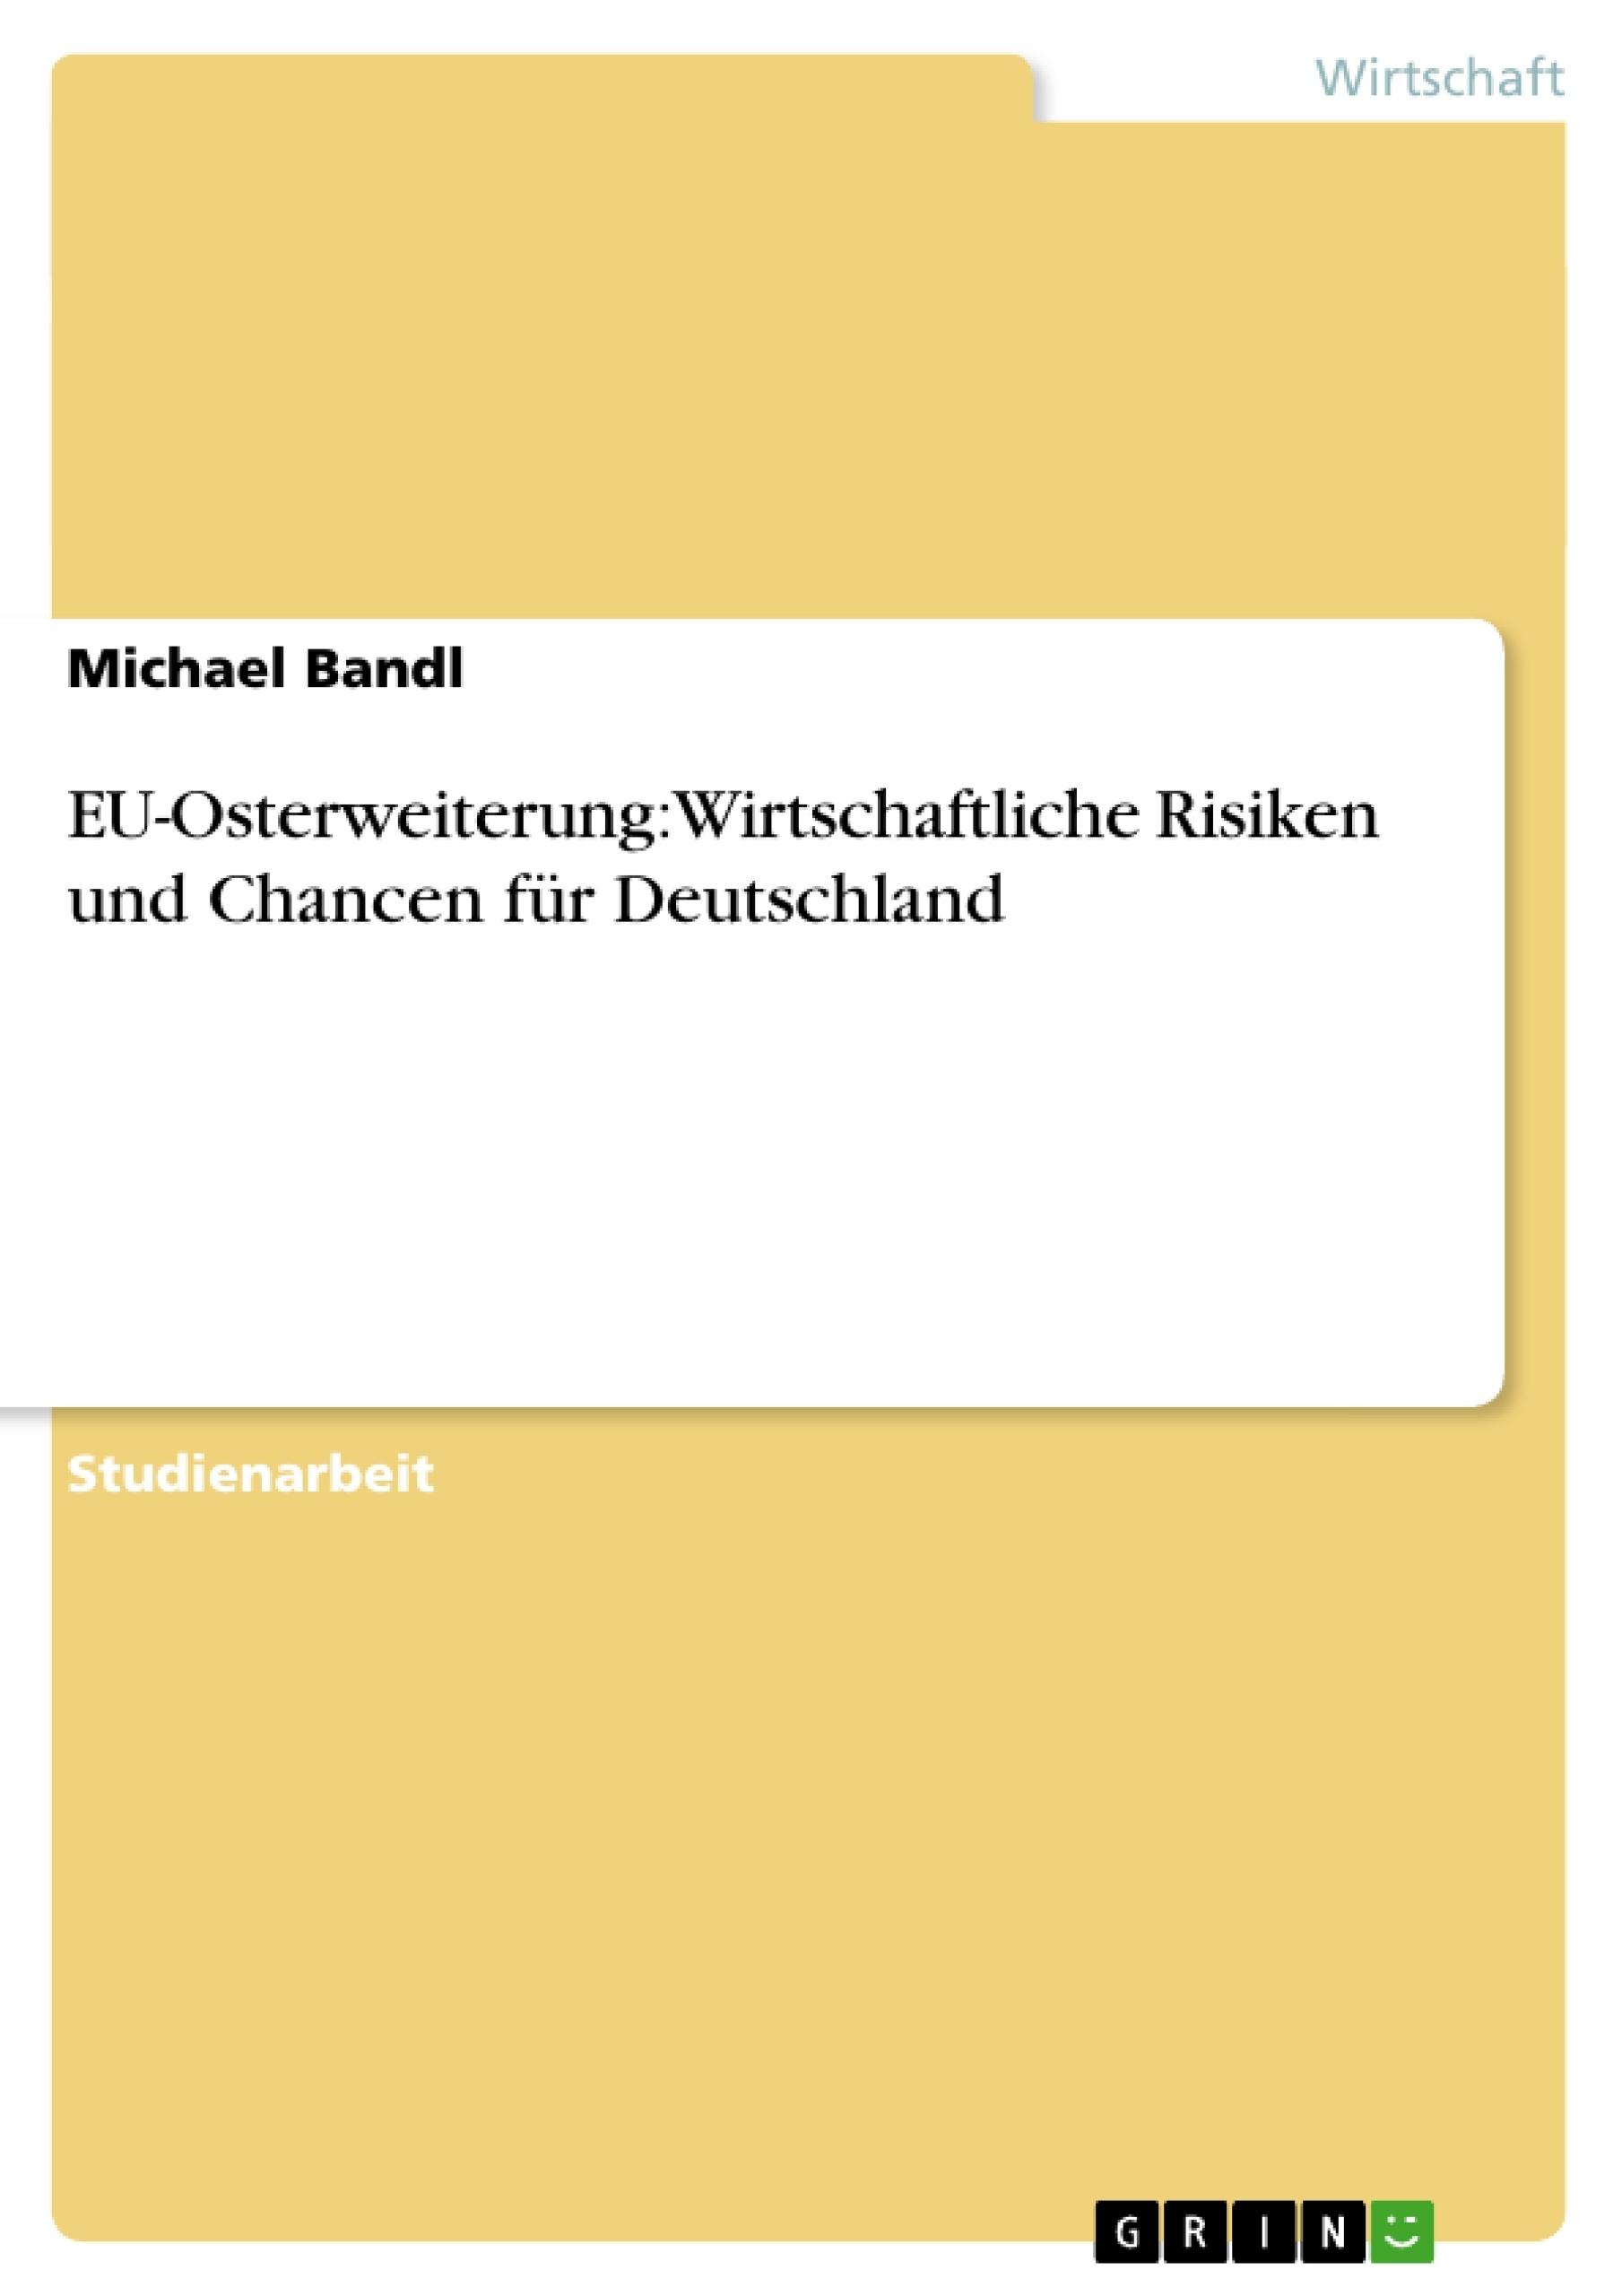 Titel: EU-Osterweiterung: Wirtschaftliche Risiken und Chancen für Deutschland